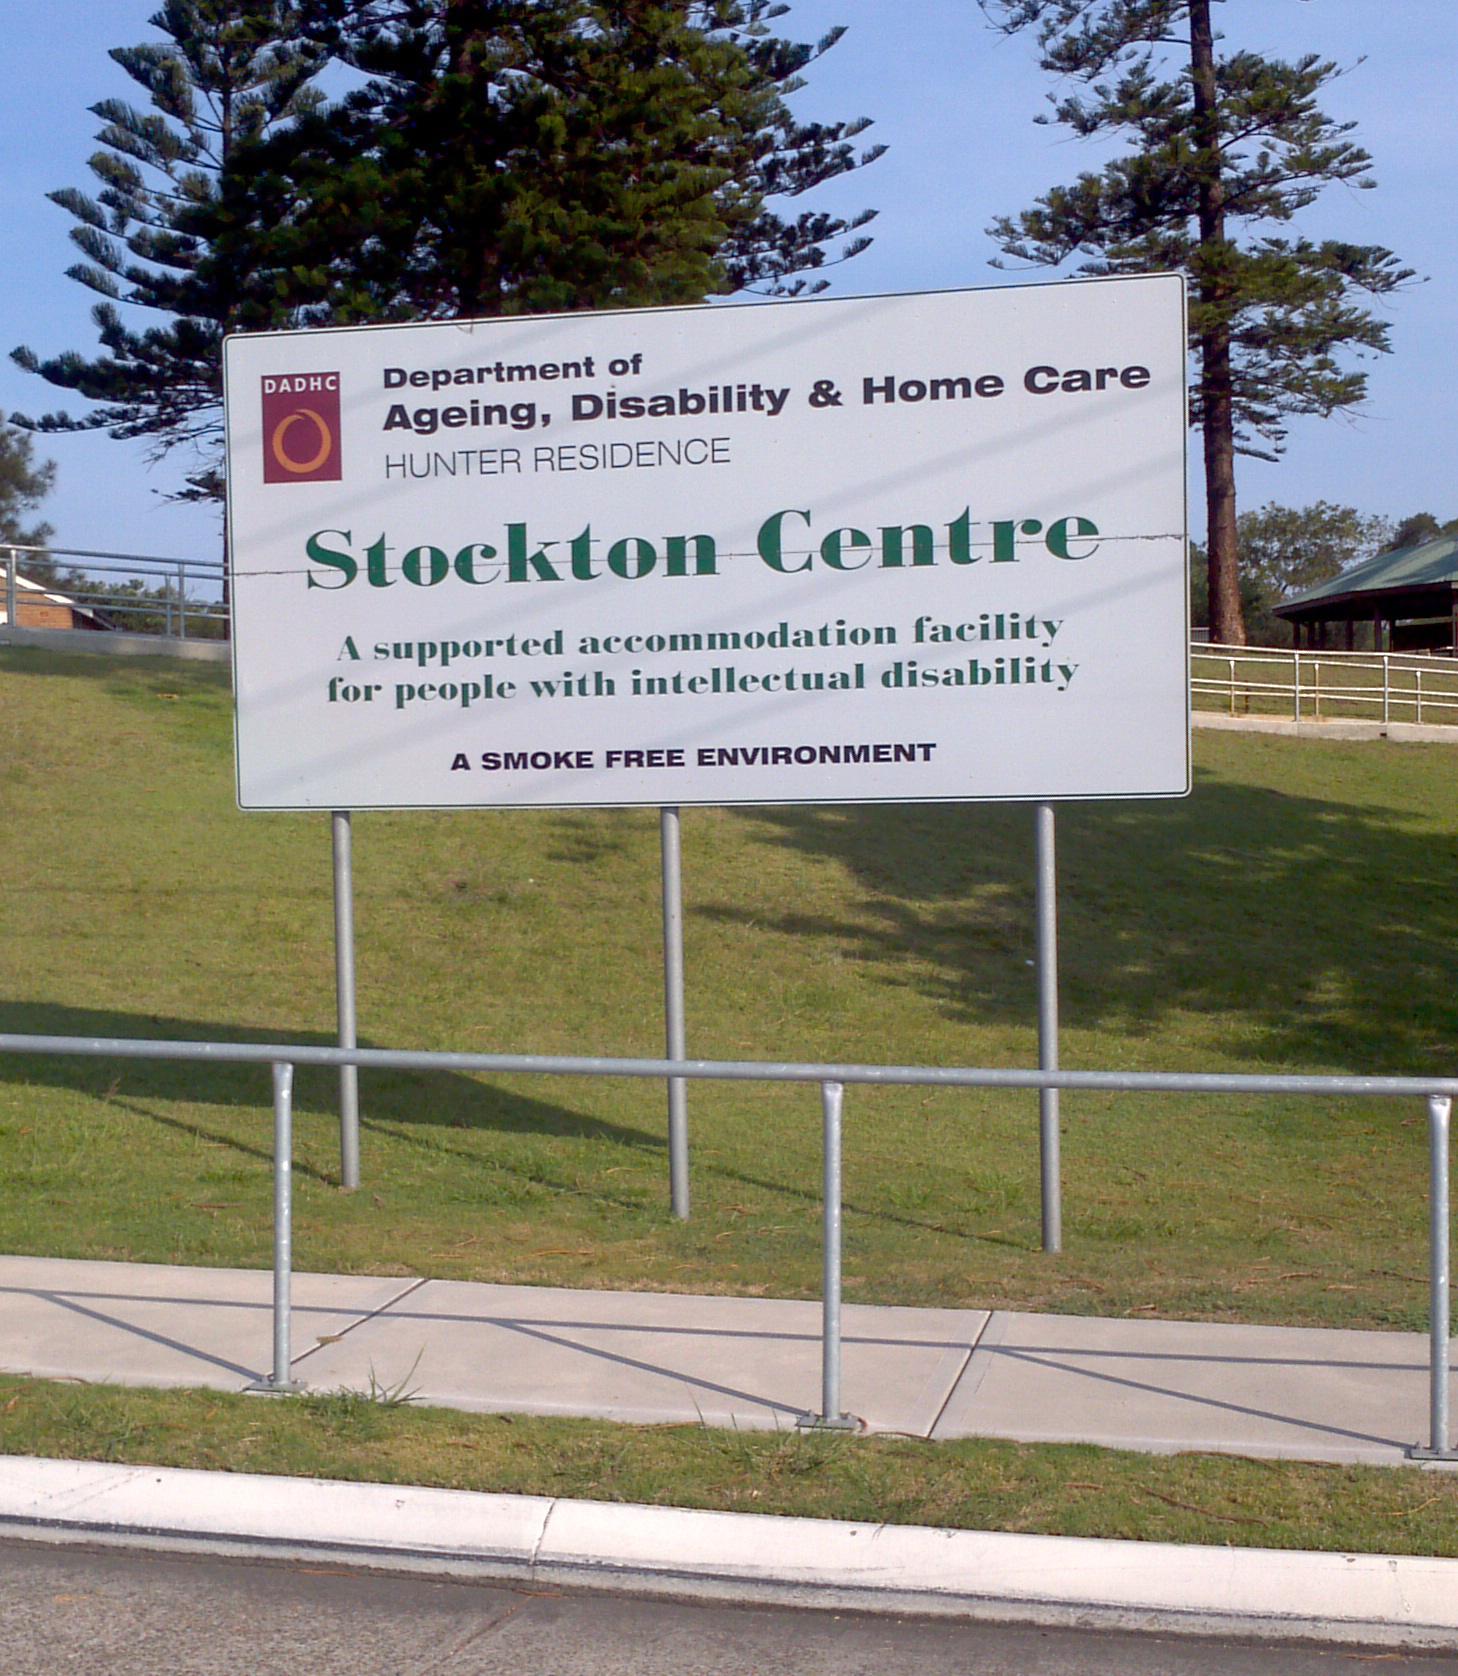 The Stockton Centre